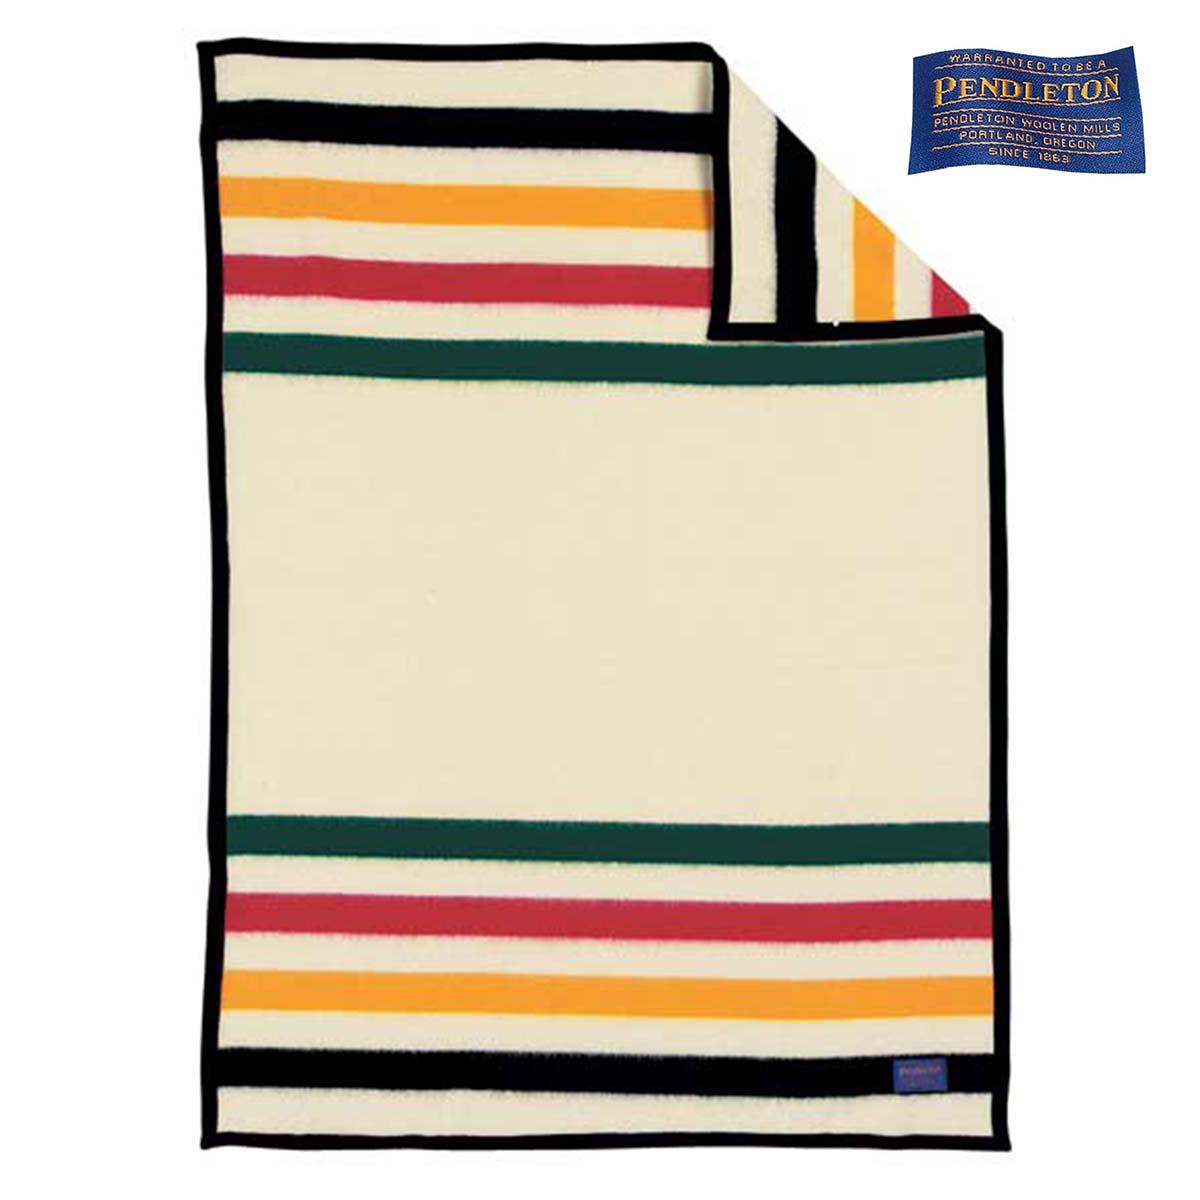 画像1: ペンドルトン ナショナルパーク クリブ ブランケット グレイシャー(ホワイト)/Pendleton National Park Crib Blankets Gracier(White) (1)